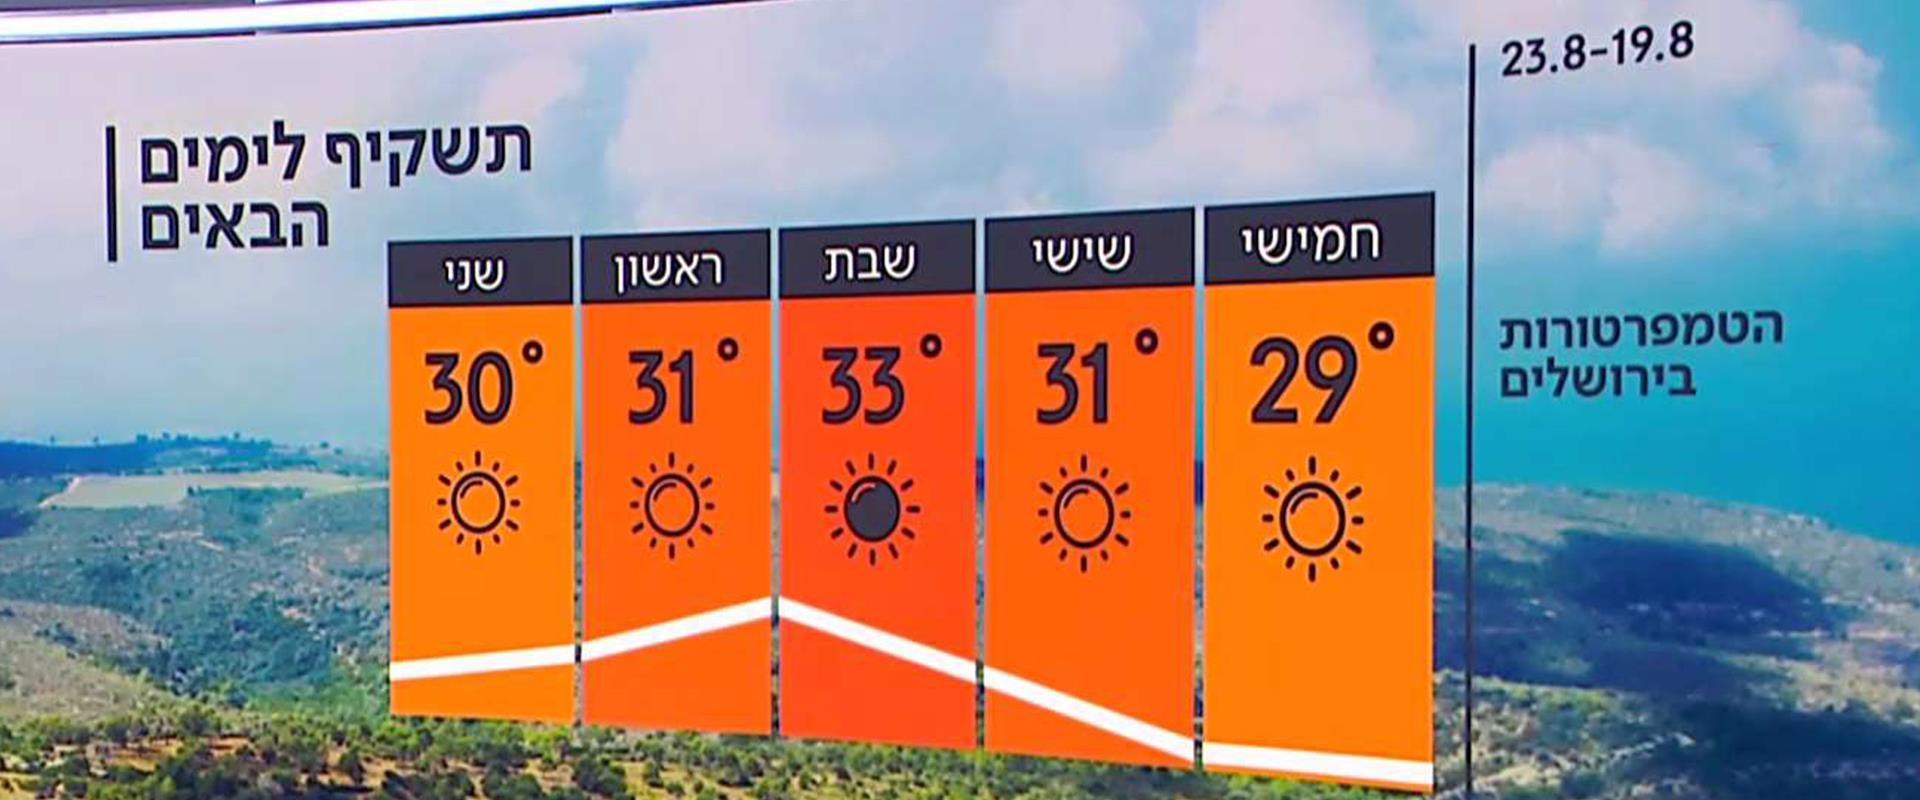 התחזית 18.08.21: התחממות בסוף השבוע